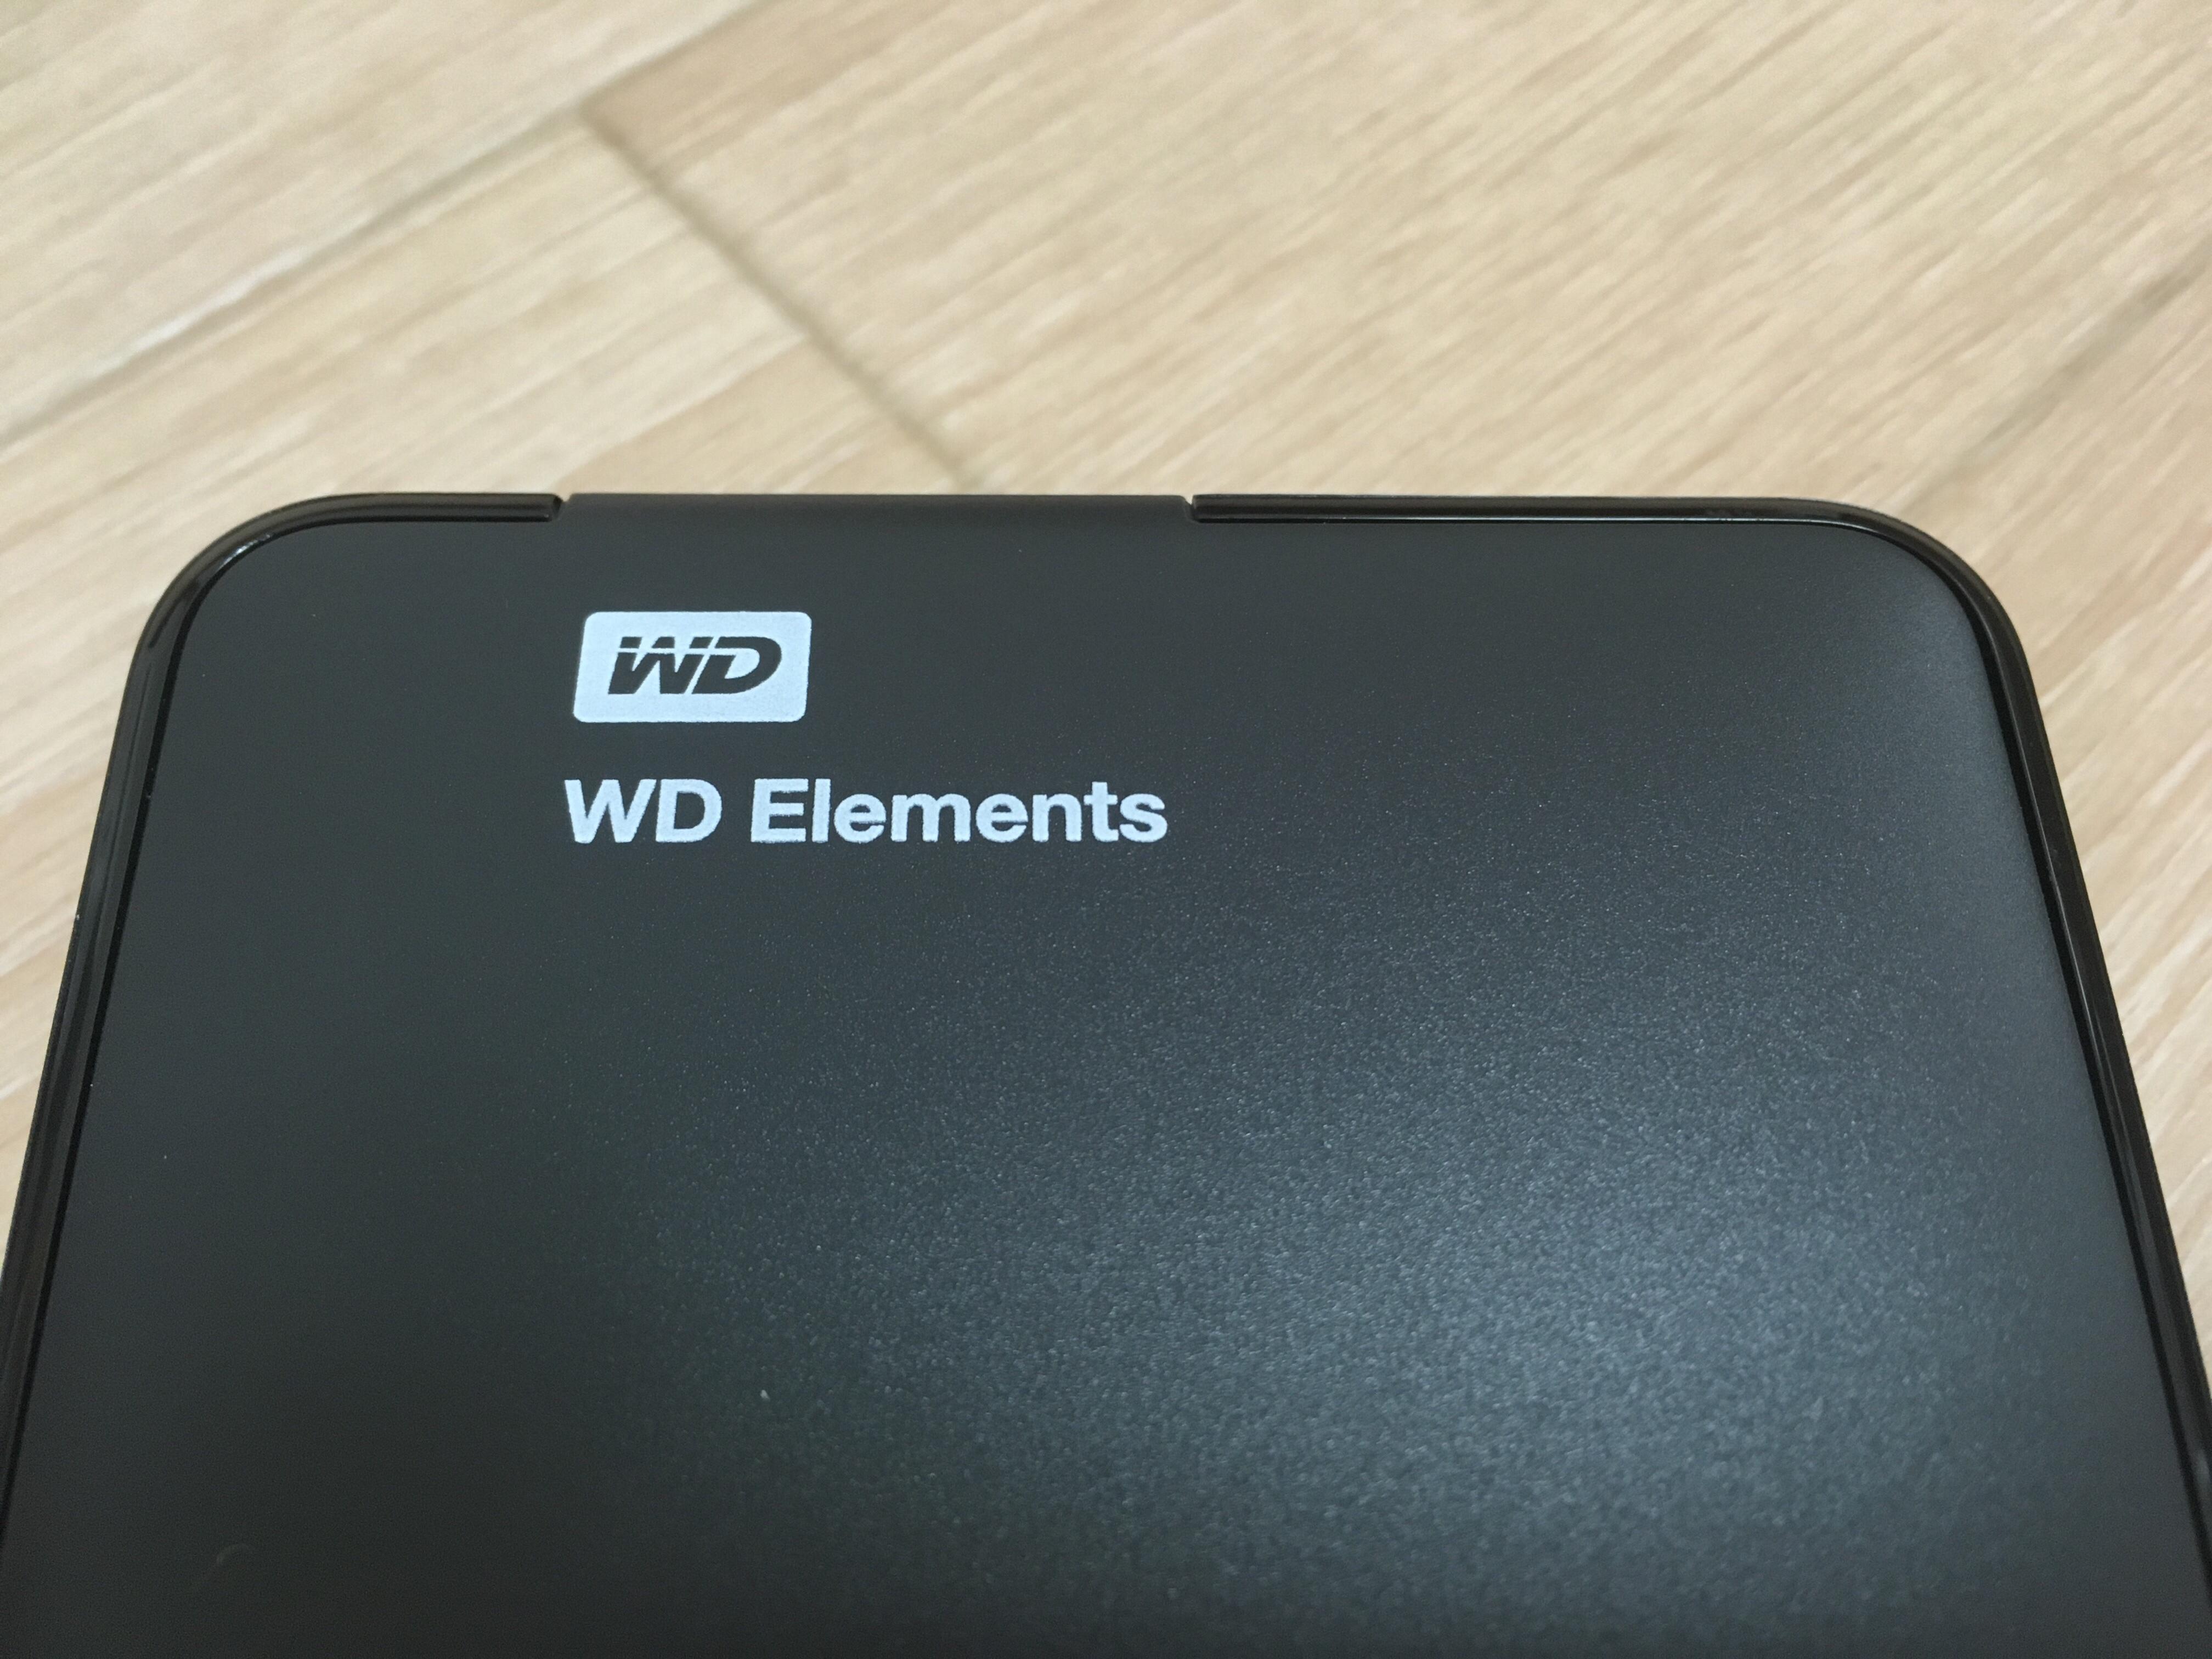 外付けポータブルHDD「WD Elements」が届きました!想像以上にコンパクトサイズ!